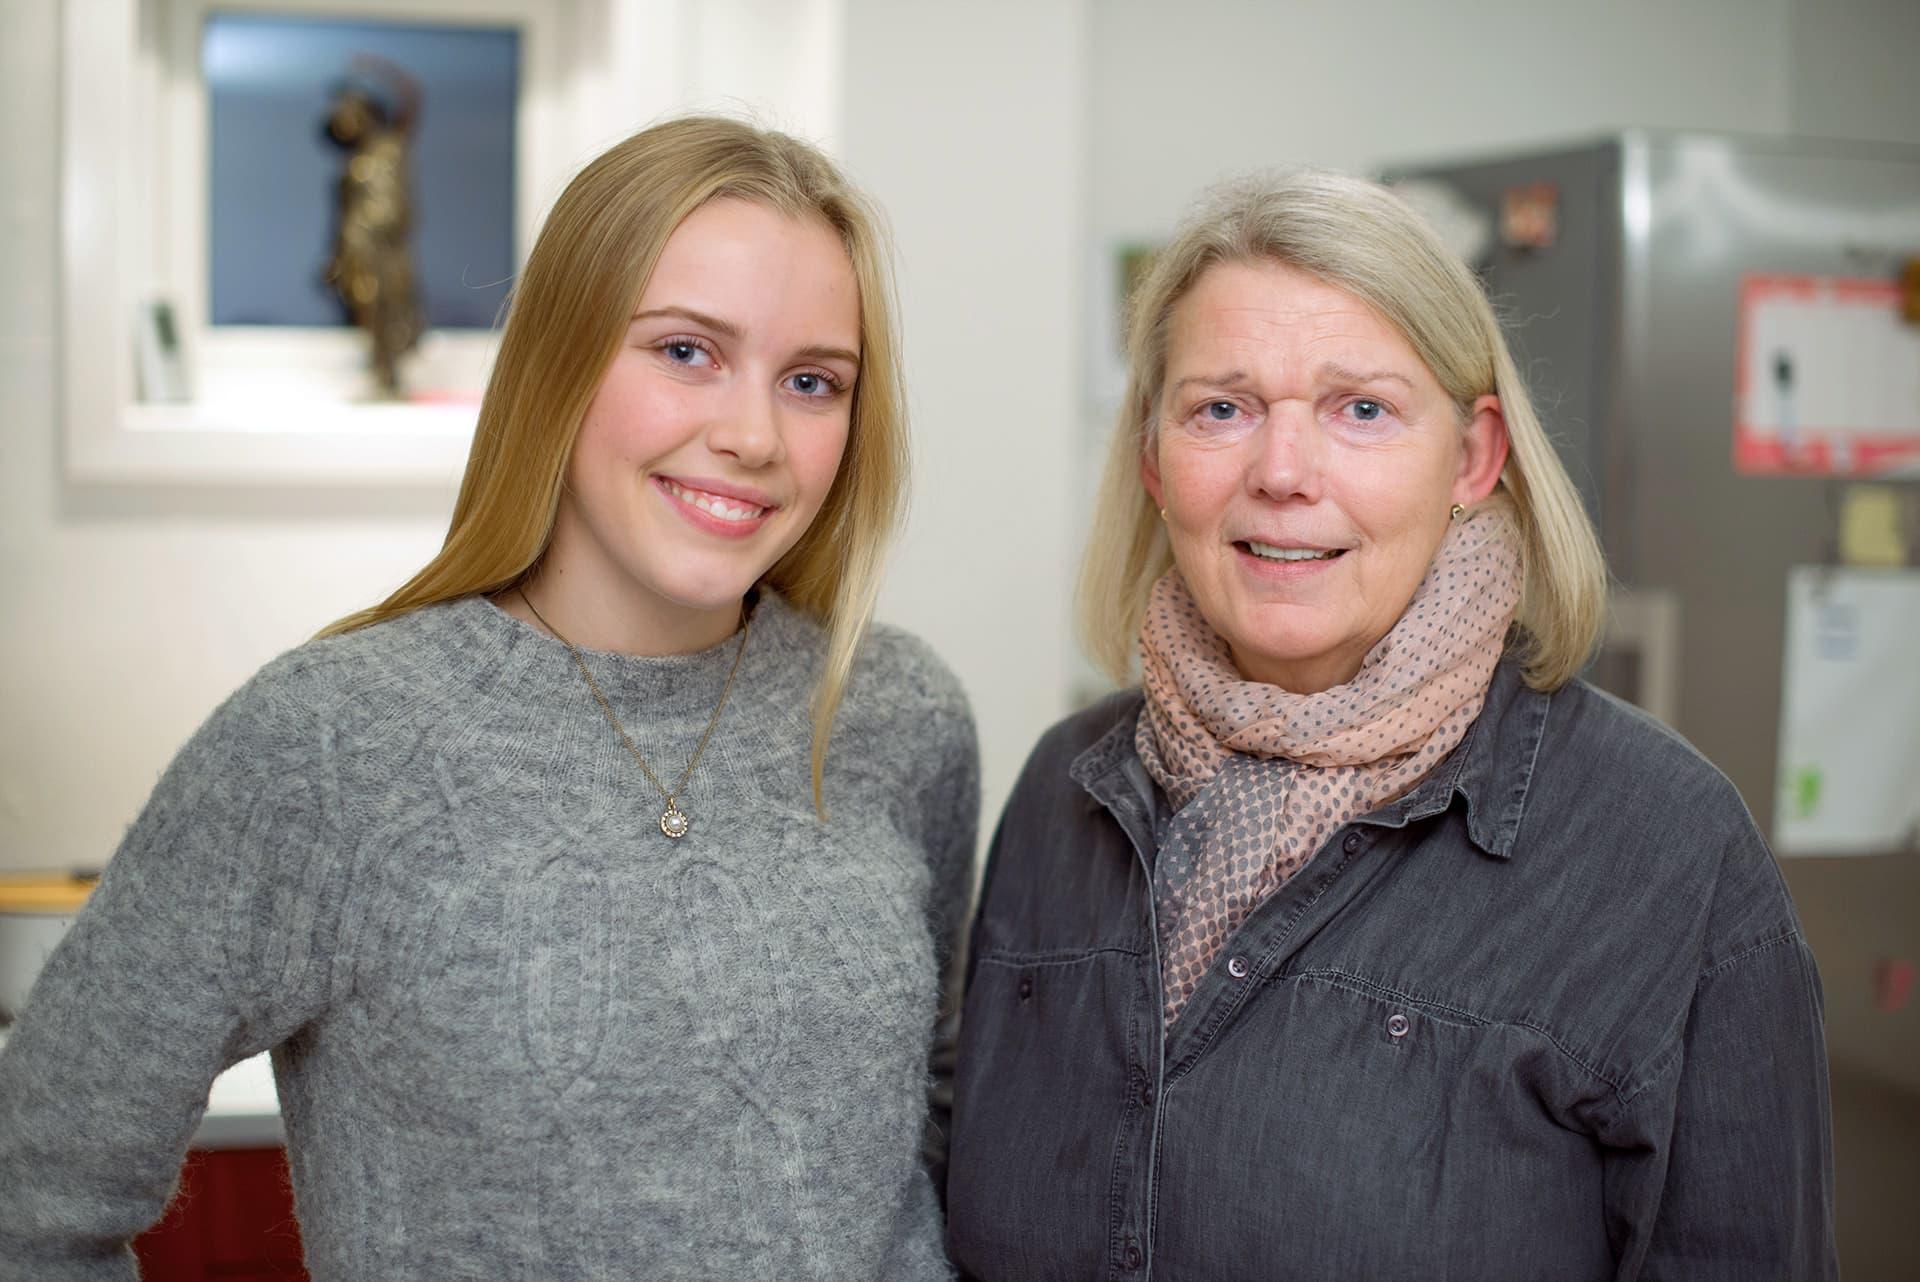 suomalaiset naiset etsii seksiseuraa hämeenlinna norjalaiset naiset etsii miestä turku